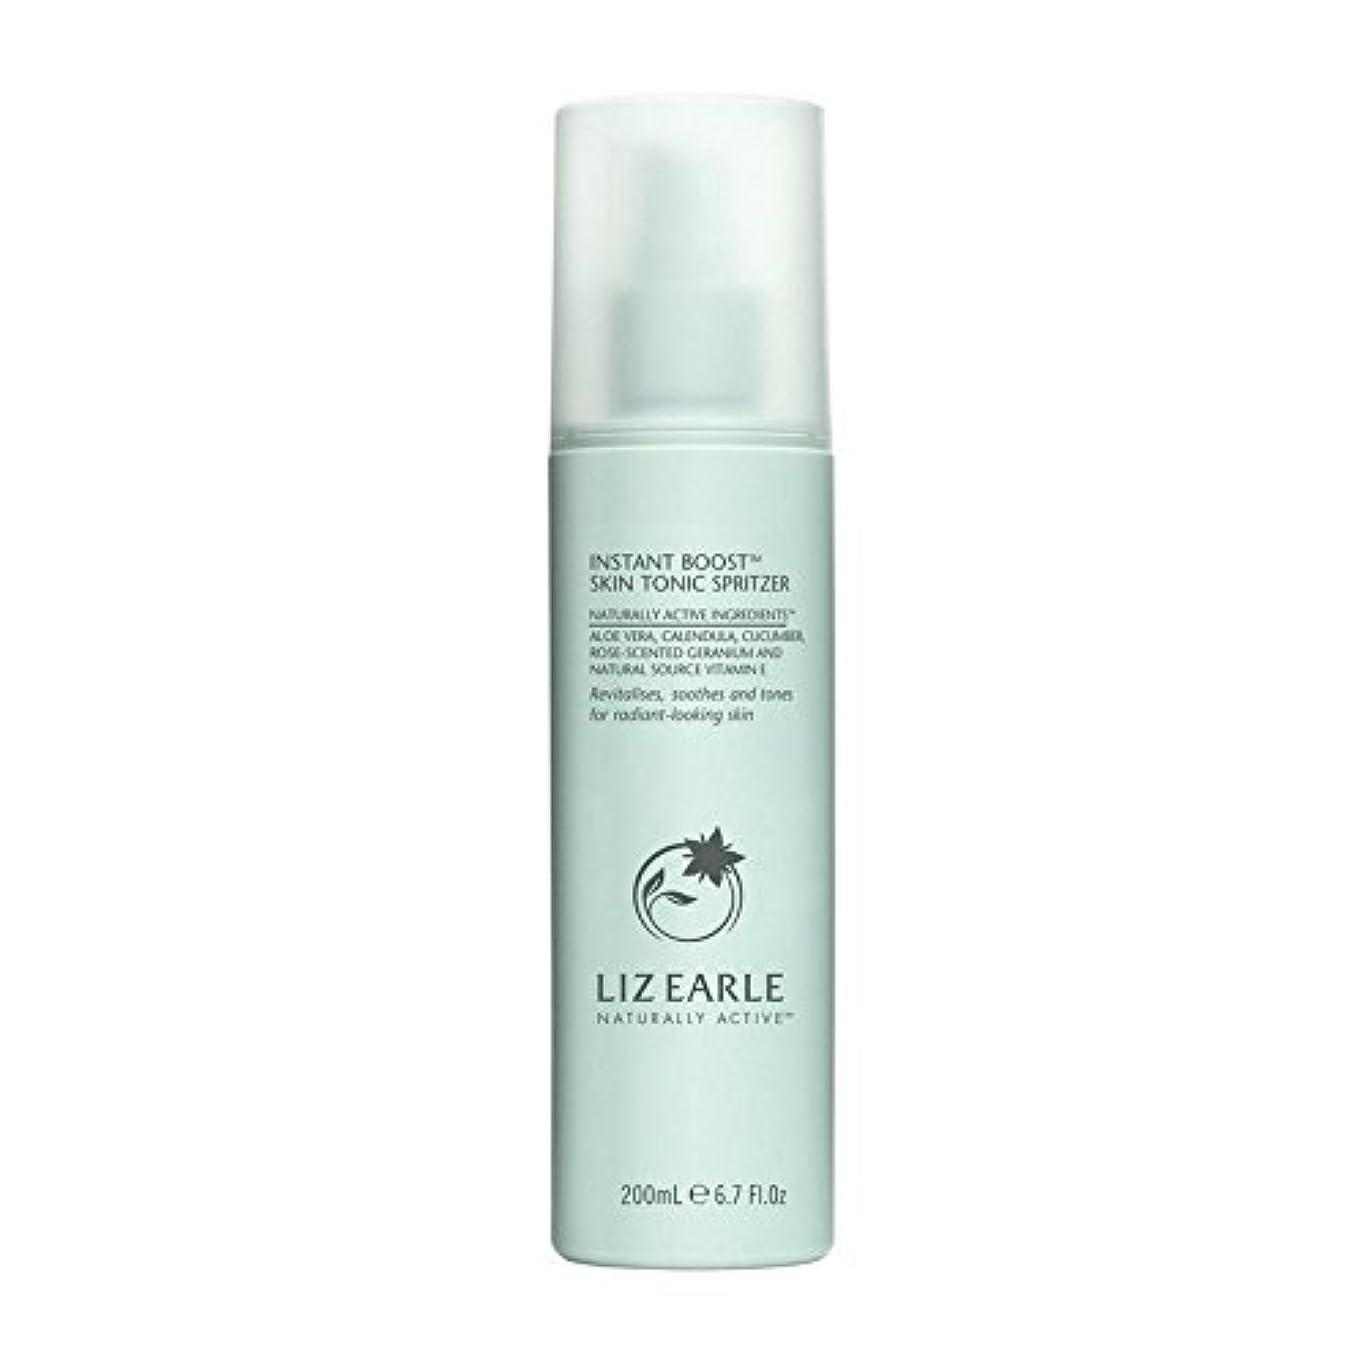 海外裁量記念碑Liz Earle Instant Boost Skin Tonic Spritzer 200ml (Pack of 6) - リズアールインスタントブーストスキントニックスプリッツァーの200ミリリットル x6 [並行輸入品]